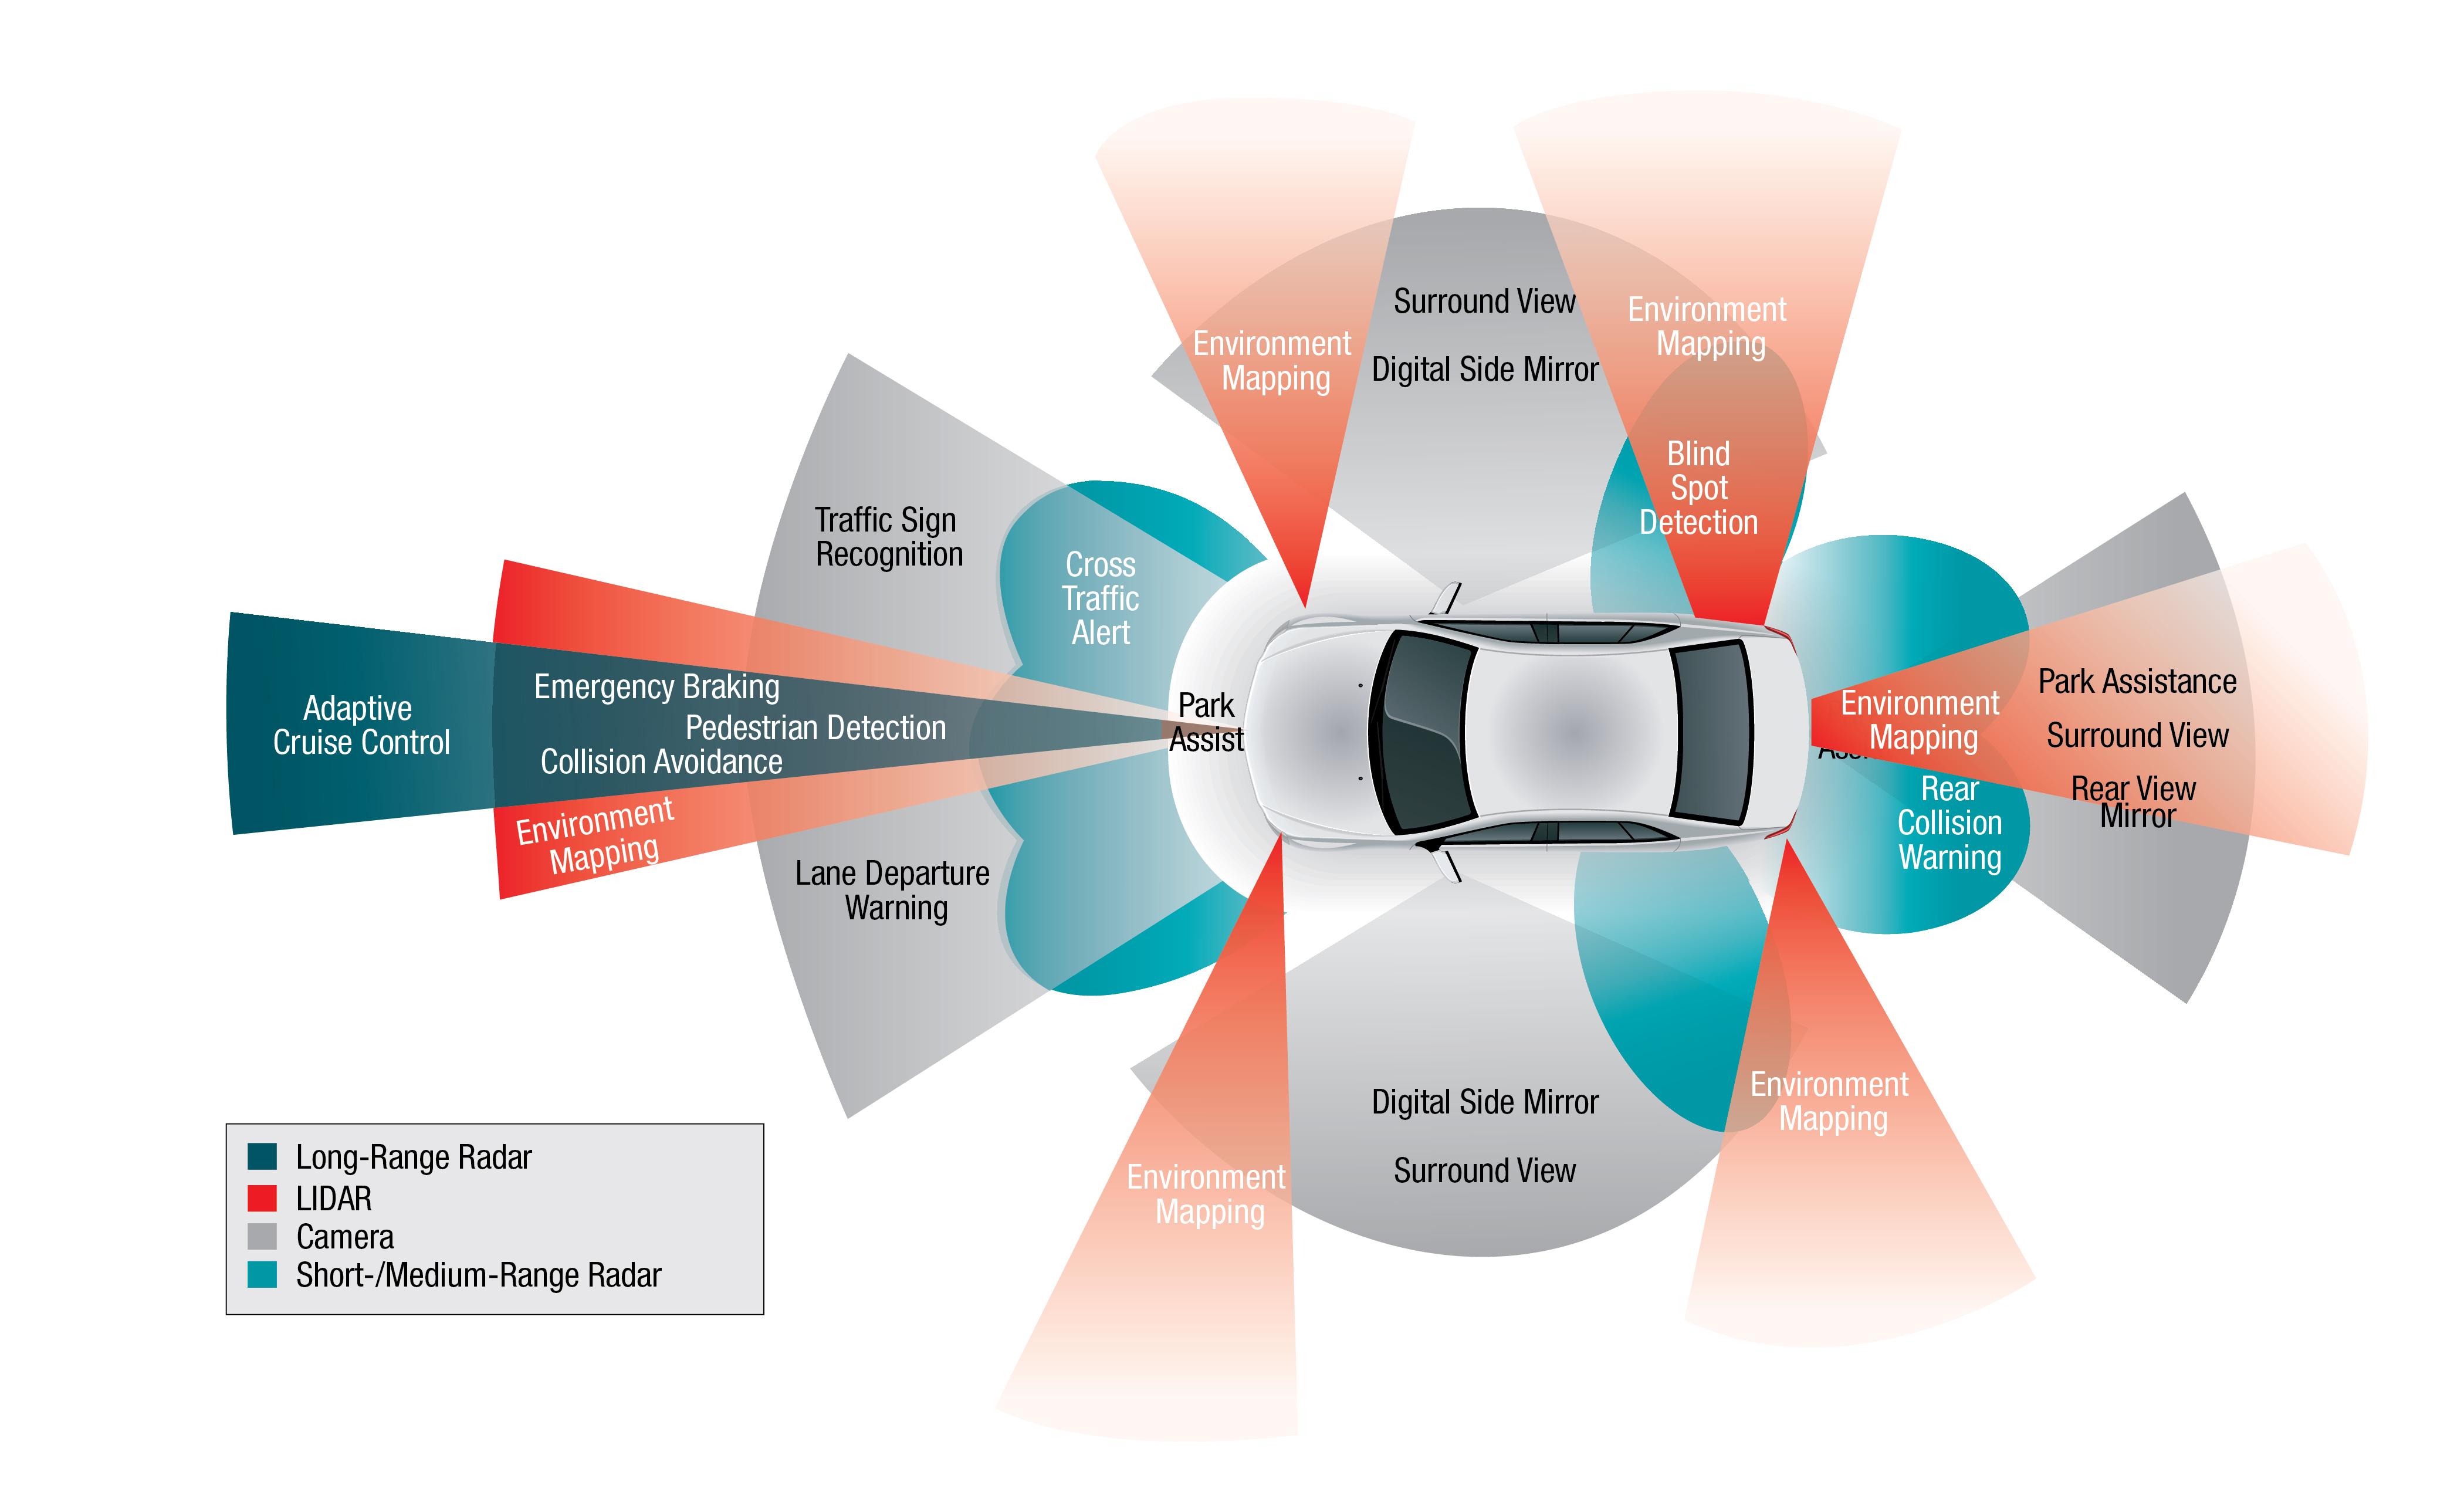 características y funcionalidades del vehículo conectado